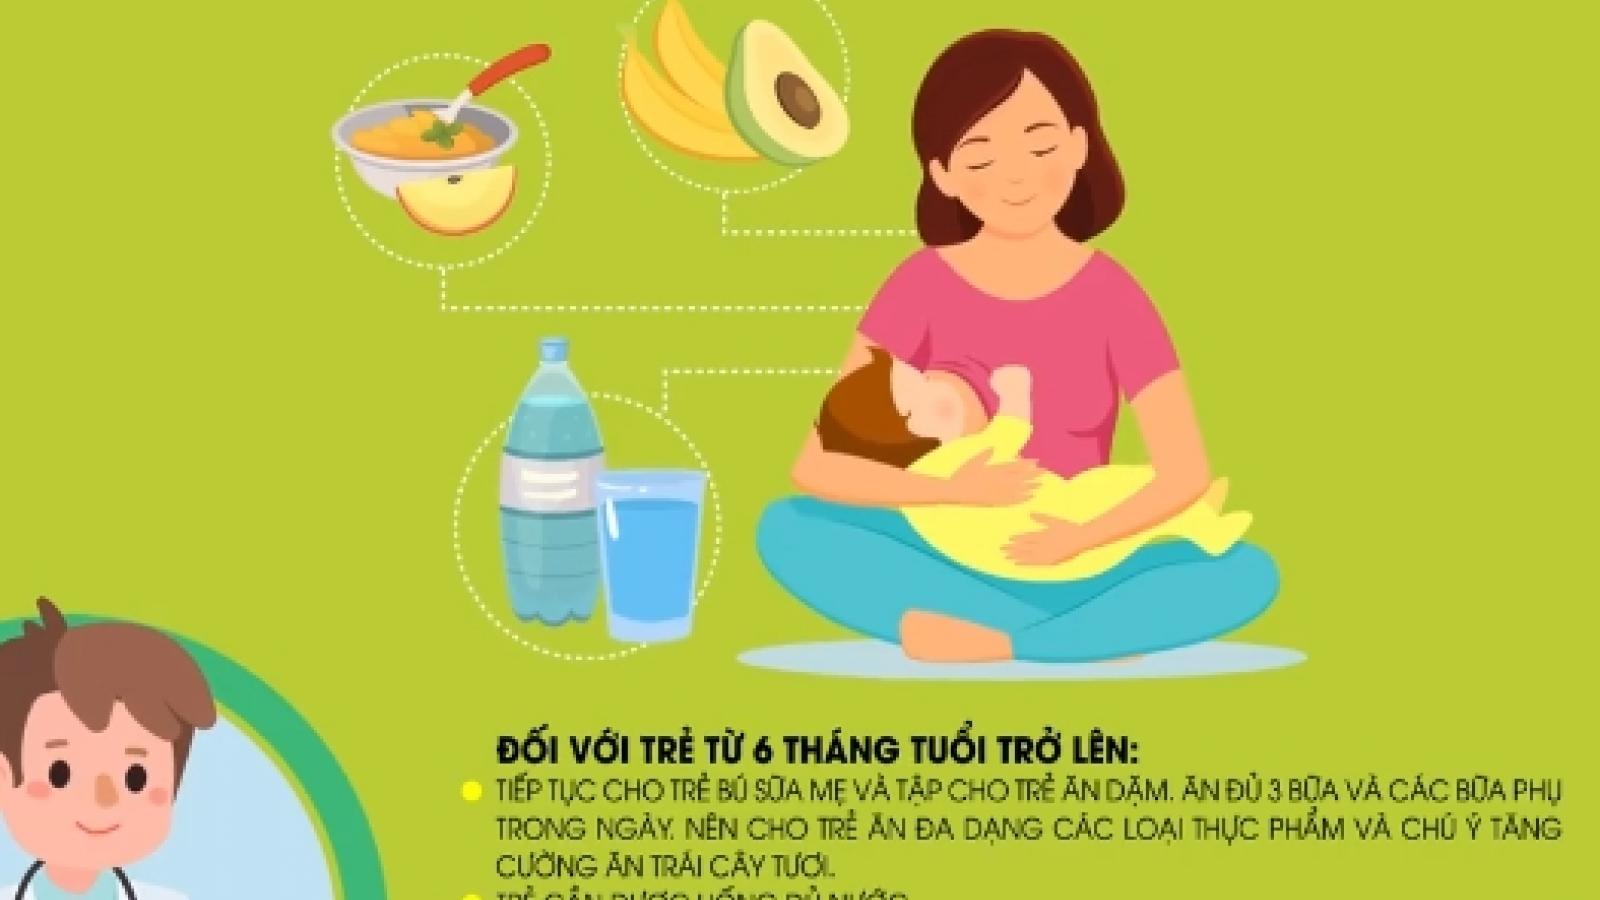 Lời khuyên dinh dưỡng cho trẻ dưới 2 tuổi trong mùa dịch Covid-19